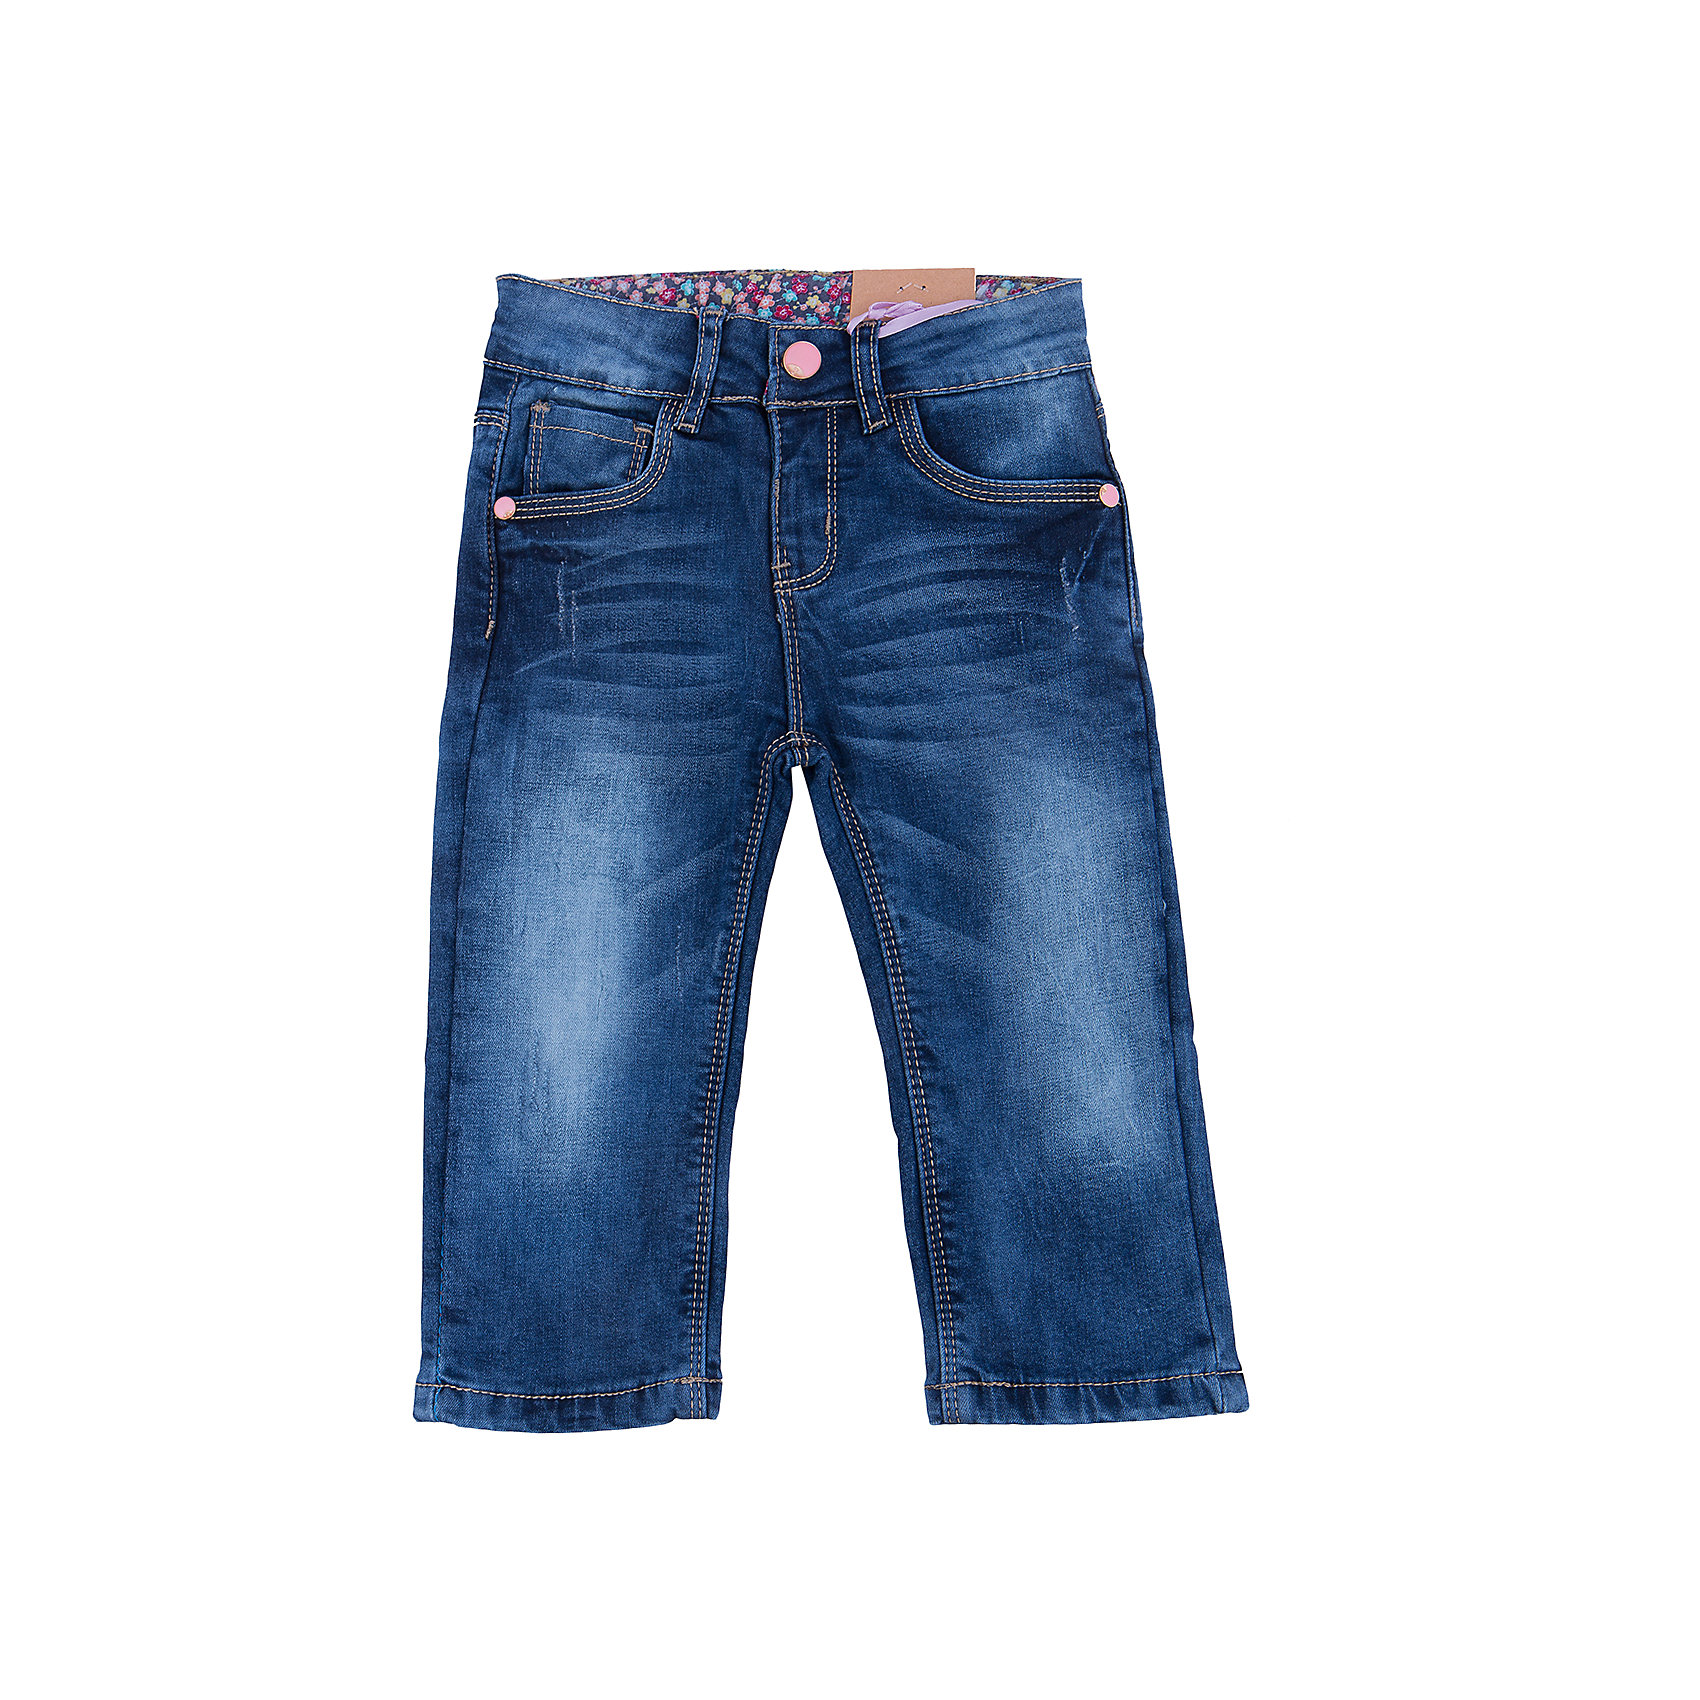 Джинсы для девочки Sweet BerryТакая модель джинсов для девочки отличается модным дизайном с контрастной прострочкой и потертостями. Удачный крой обеспечит ребенку комфорт и тепло. Мягкая подкладка делает вещь идеальной для повседневного ношения. Она плотно прилегает к телу там, где нужно, и отлично сидит по фигуре. Джинсы имеют удобный пояс с регулировкой внутри. Натуральный хлопок обеспечит коже возможность дышать и не вызовет аллергии.<br>Одежда от бренда Sweet Berry - это простой и выгодный способ одеть ребенка удобно и стильно. Всё изделия тщательно проработаны: швы - прочные, материал - качественный, фурнитура - подобранная специально для детей. <br><br>Дополнительная информация:<br><br>цвет: синий;<br>имитация потертостей;<br>материал: верх - 98% хлопок, 2% эластан, подкладка - 100% хлопок;<br>пояс с регулировкой внутри.<br><br>Джинсы для девочки от бренда Sweet Berry можно купить в нашем интернет-магазине.<br><br>Ширина мм: 215<br>Глубина мм: 88<br>Высота мм: 191<br>Вес г: 336<br>Цвет: синий<br>Возраст от месяцев: 24<br>Возраст до месяцев: 36<br>Пол: Женский<br>Возраст: Детский<br>Размер: 98,80,86,92<br>SKU: 4931283